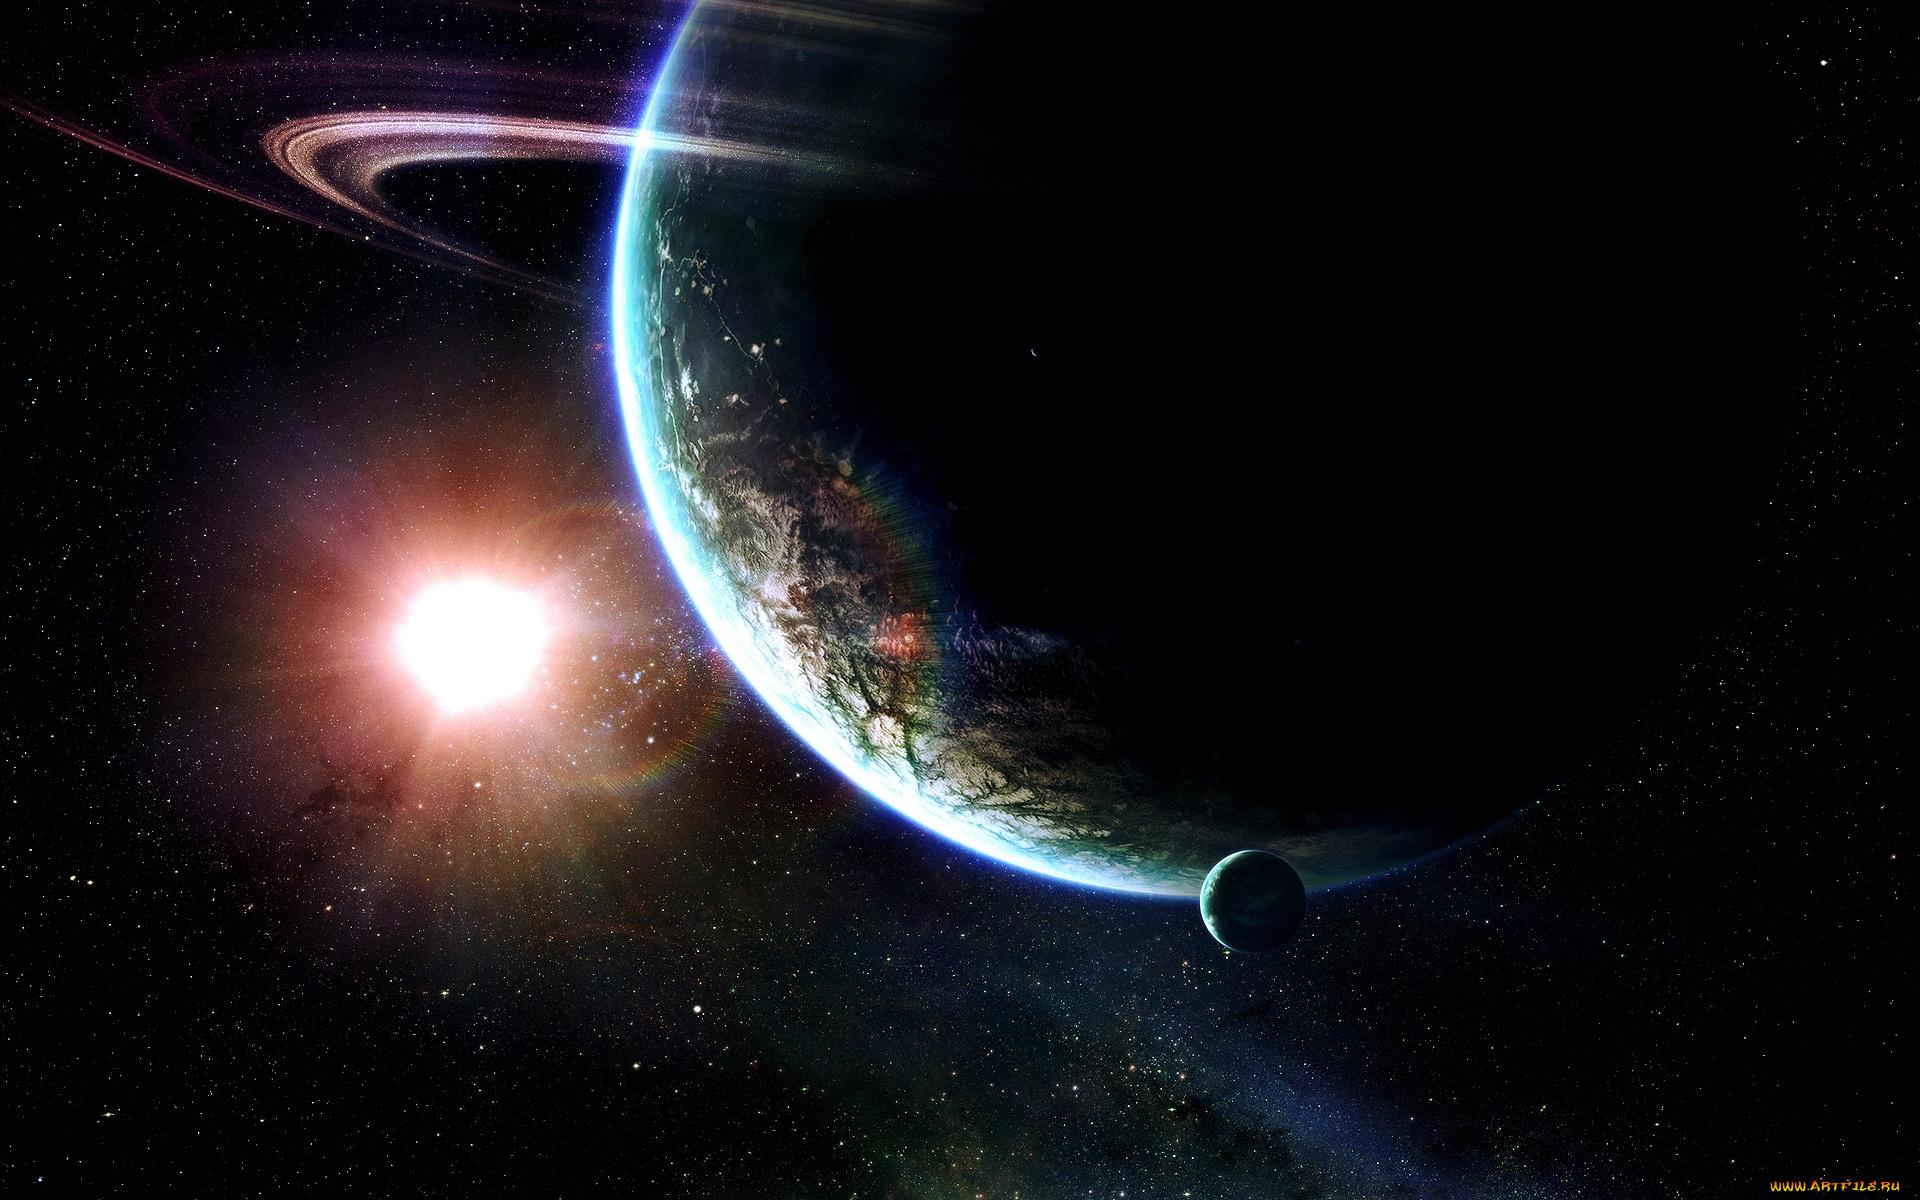 black hole on earth 4k hd desktop wallpaper for 4k ultra - HD1920×1200